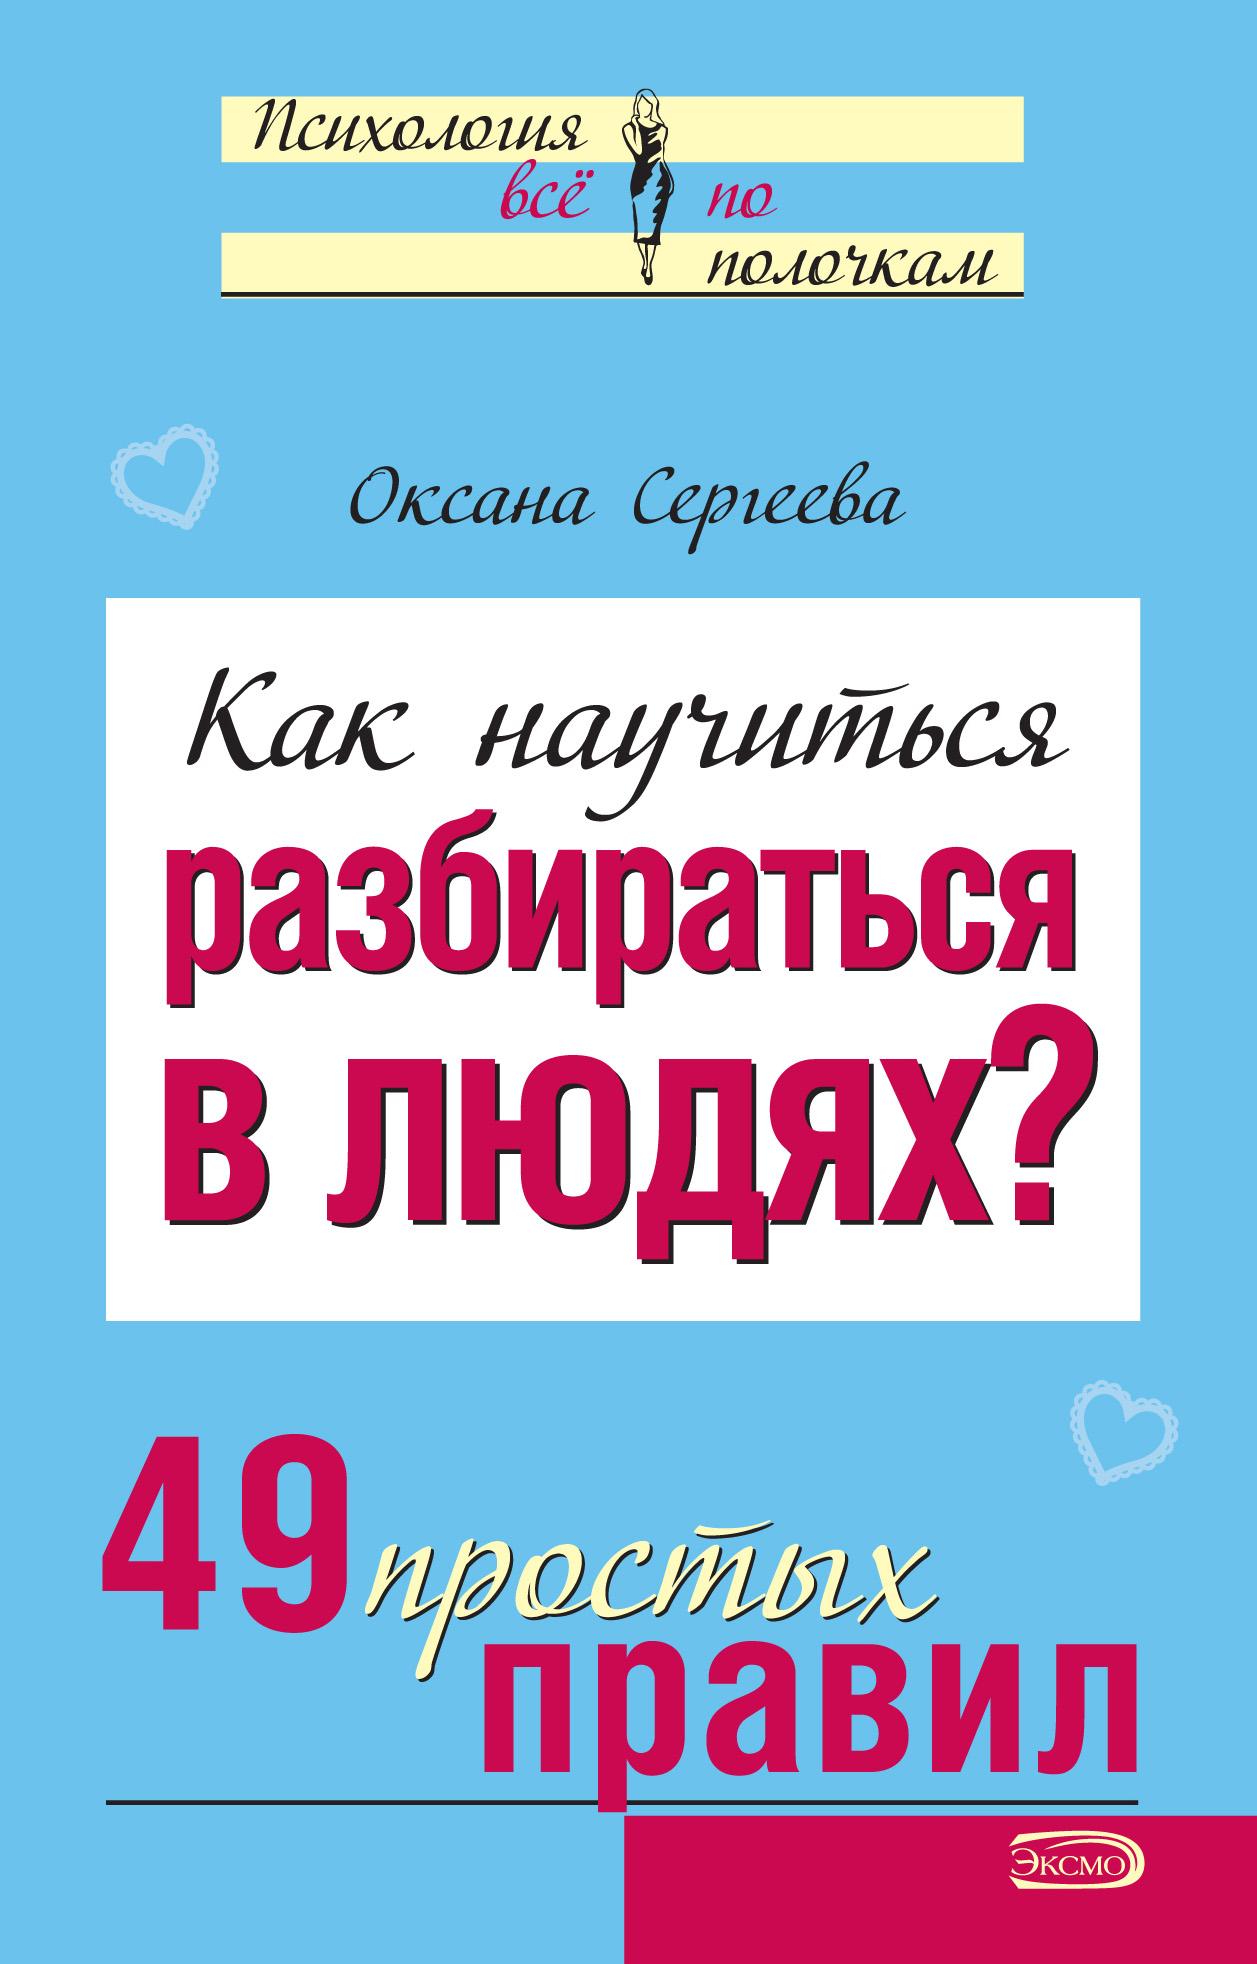 цена на Оксана Сергеева Как научиться разбираться в людях? 49 простых правил